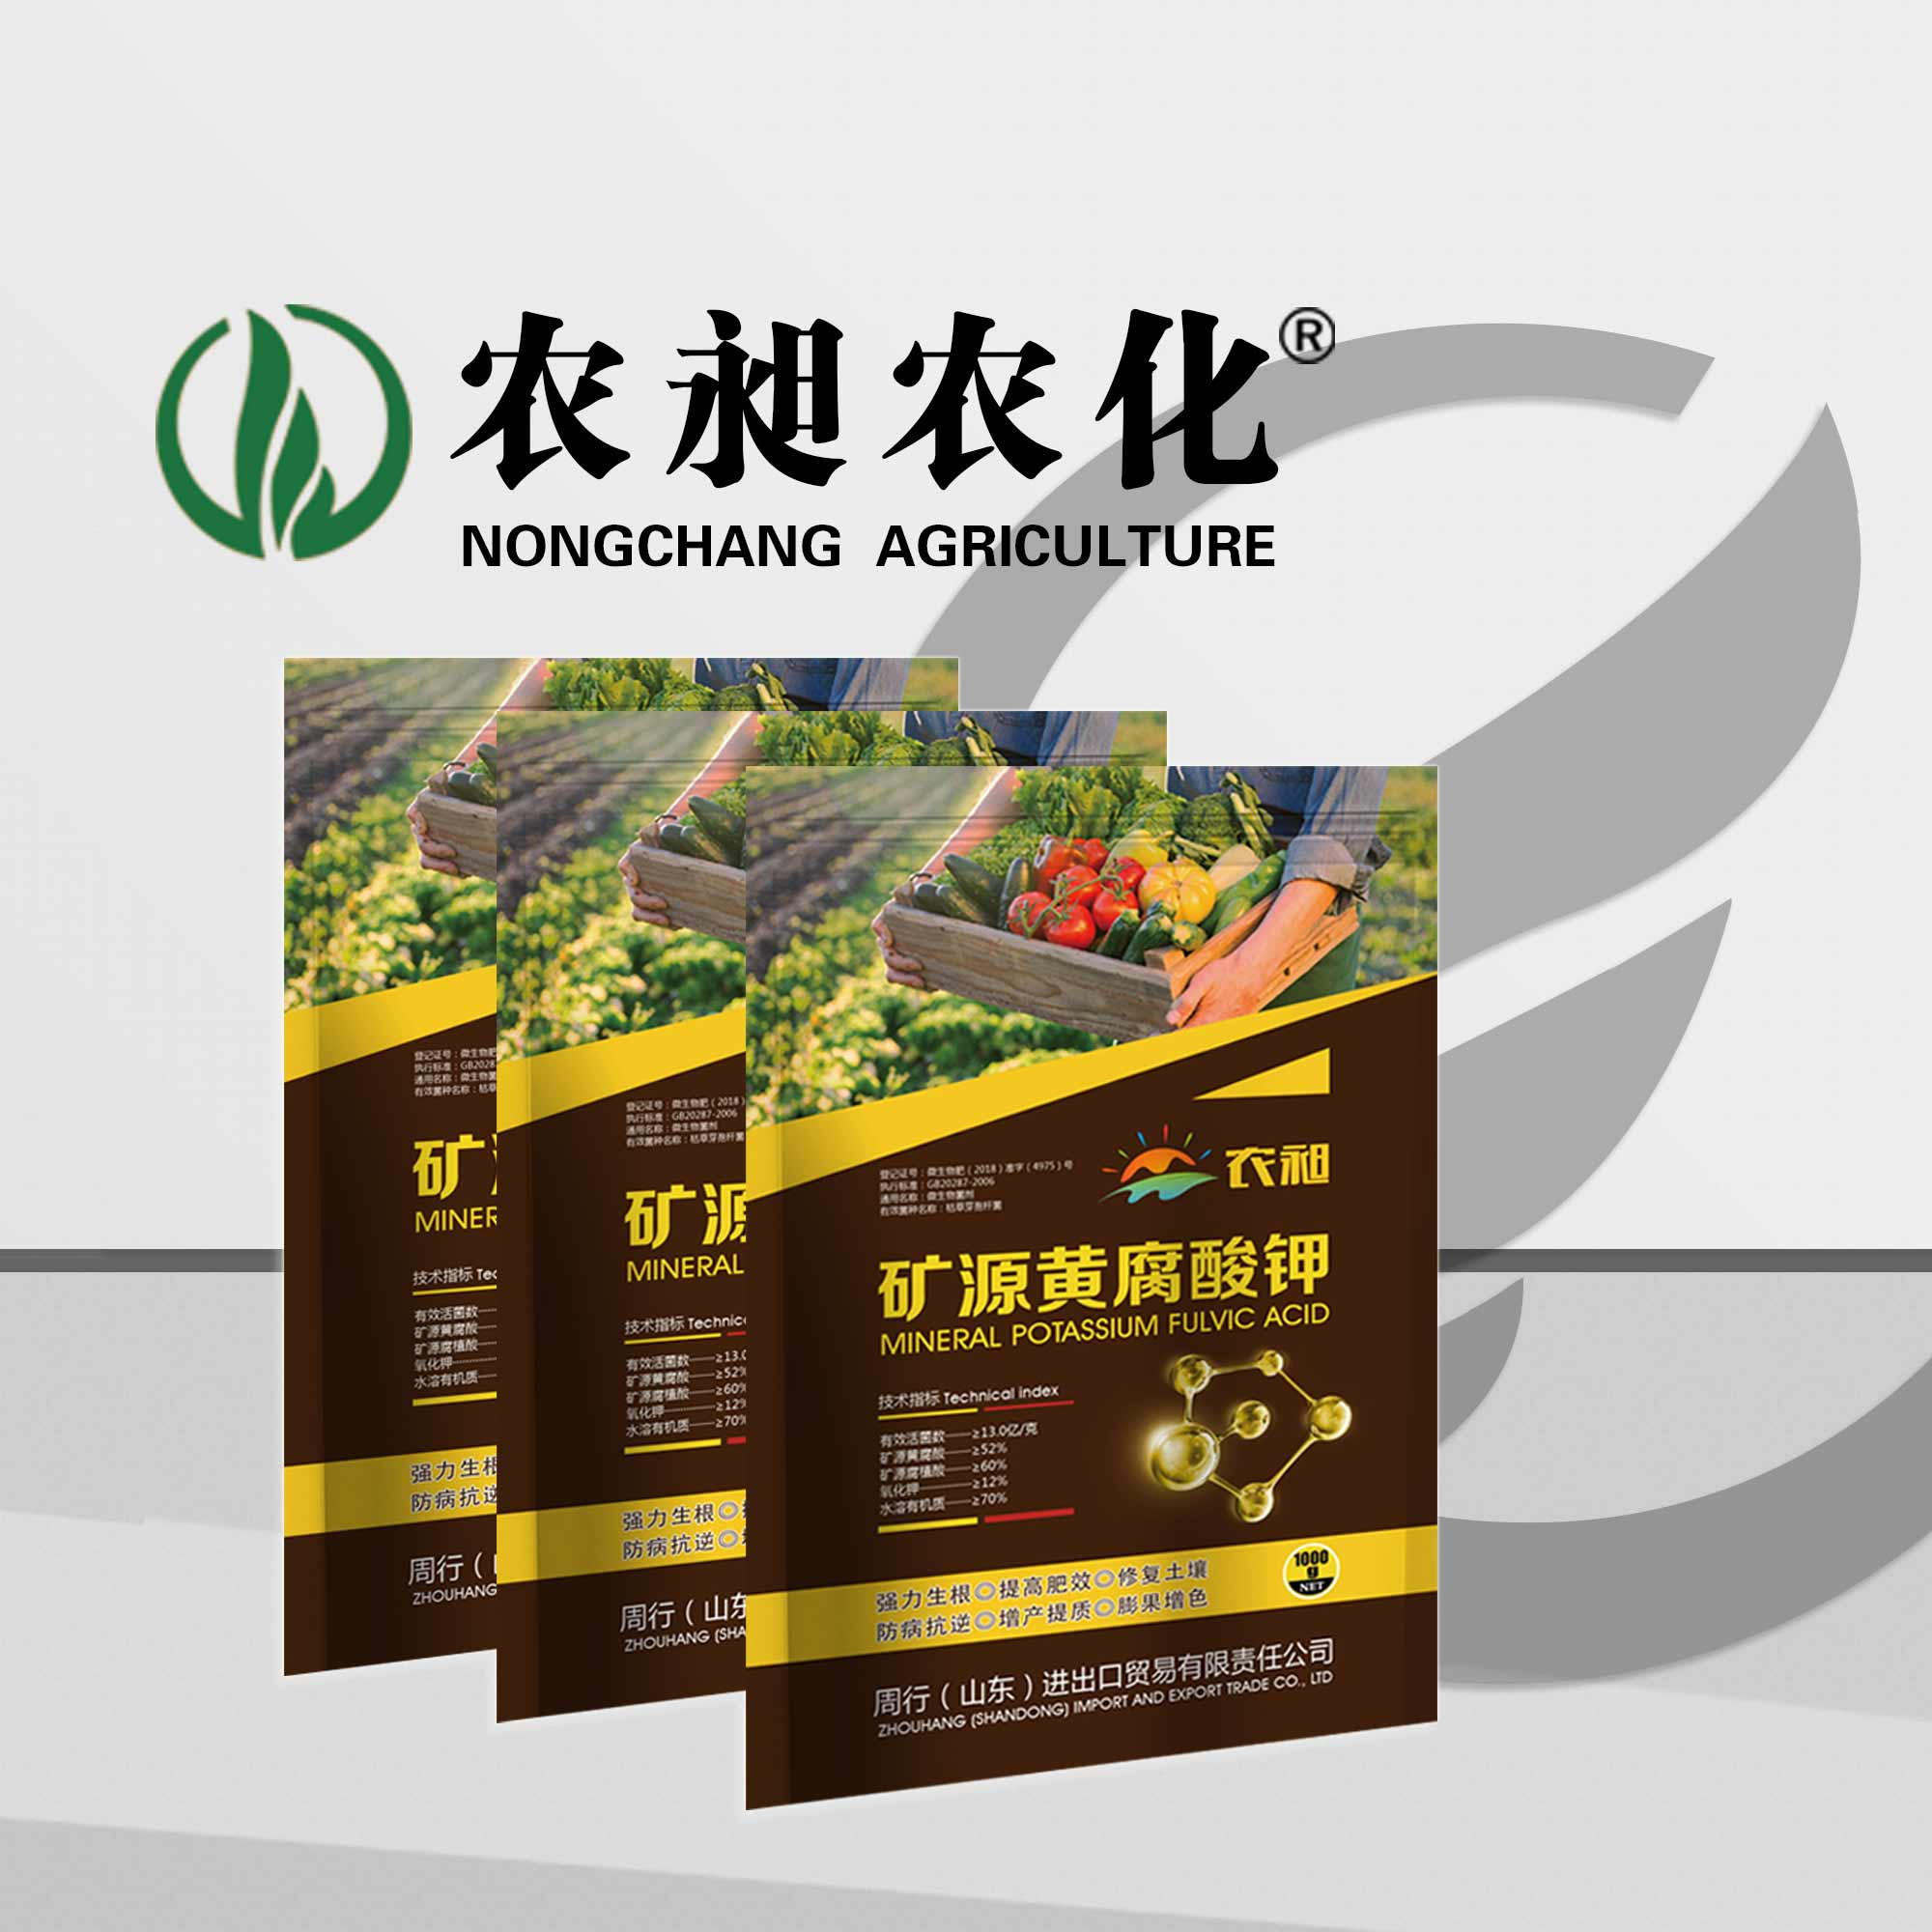 農昶礦源黃腐酸鉀1KG裝周行進出口貿易生根劑微生物菌劑